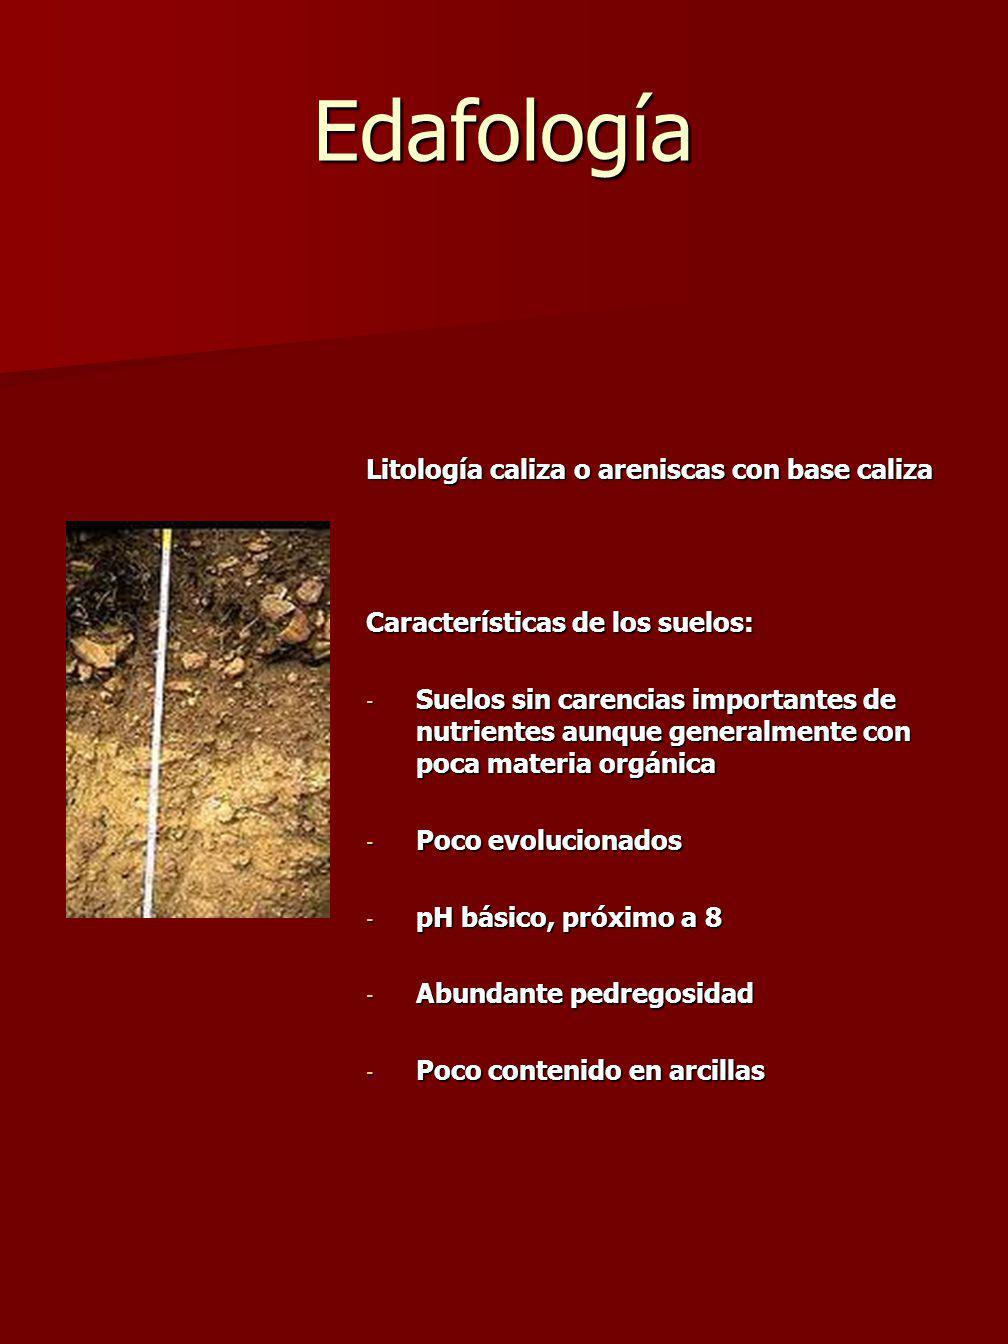 Edafología Litología caliza o areniscas con base caliza Características de los suelos: - Suelos sin carencias importantes de nutrientes aunque generalmente con poca materia orgánica - Poco evolucionados - pH básico, próximo a 8 - Abundante pedregosidad - Poco contenido en arcillas